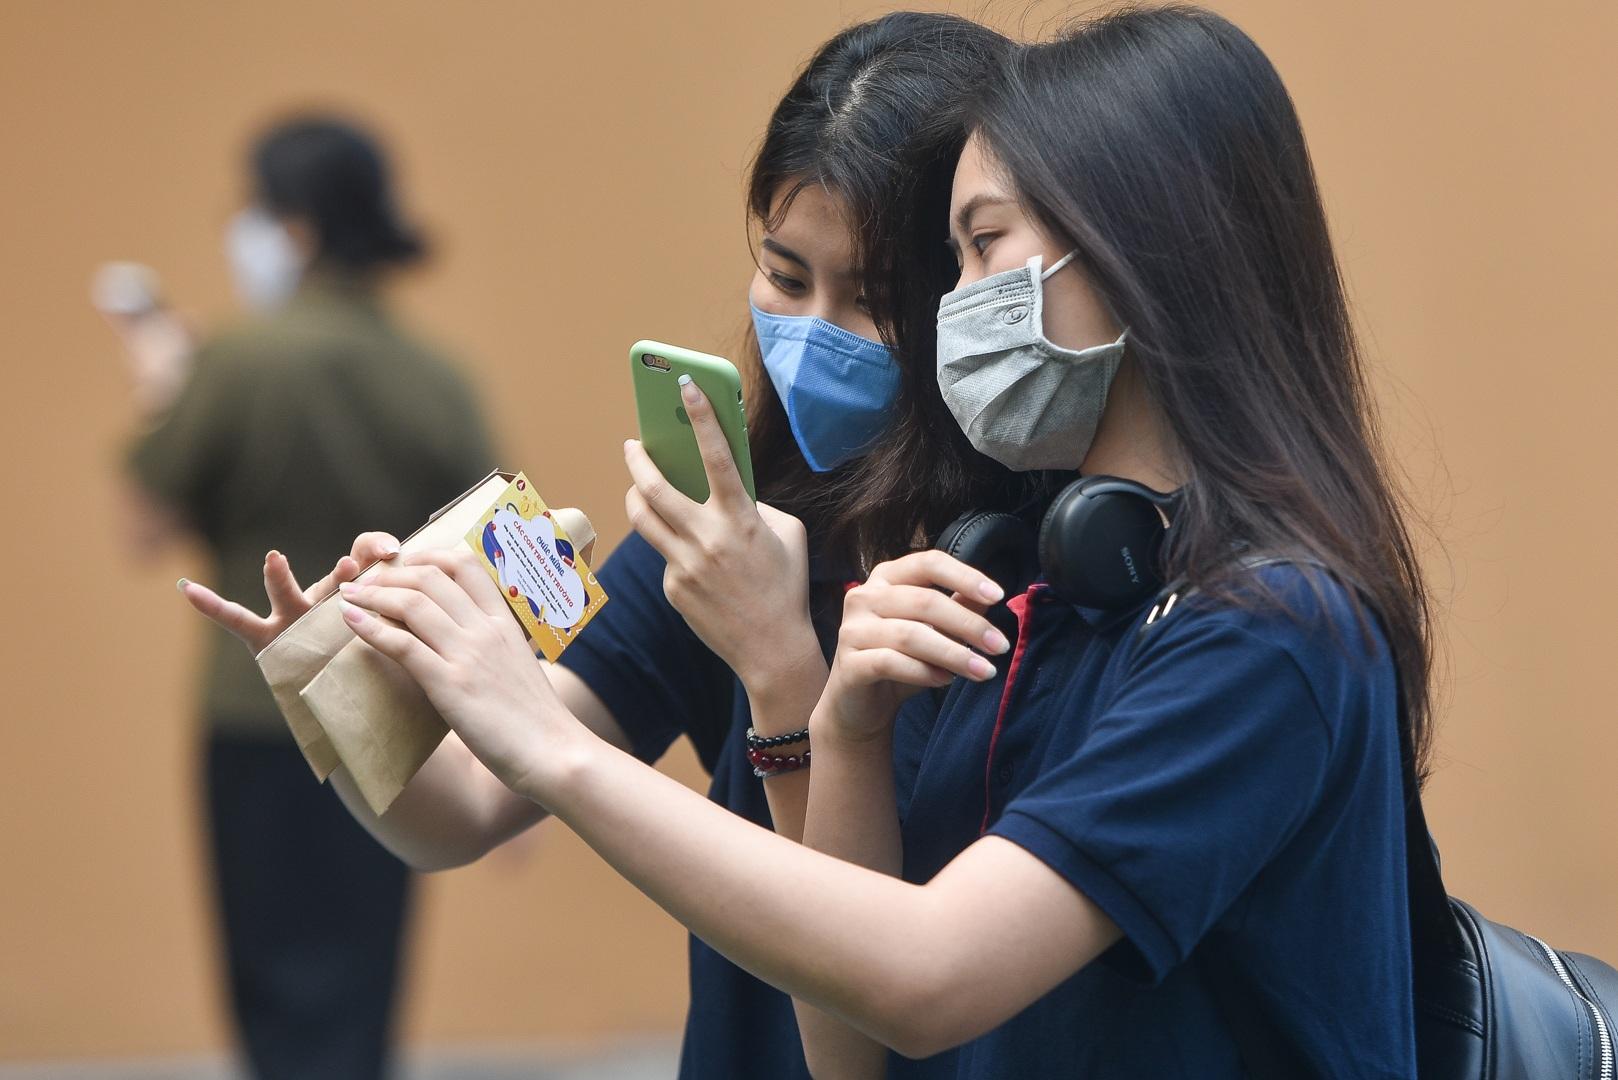 Tiết học đầu tiên giàu cảm xúc của học sinh Hà Nội sau 3 tháng nghỉ dịch - 1